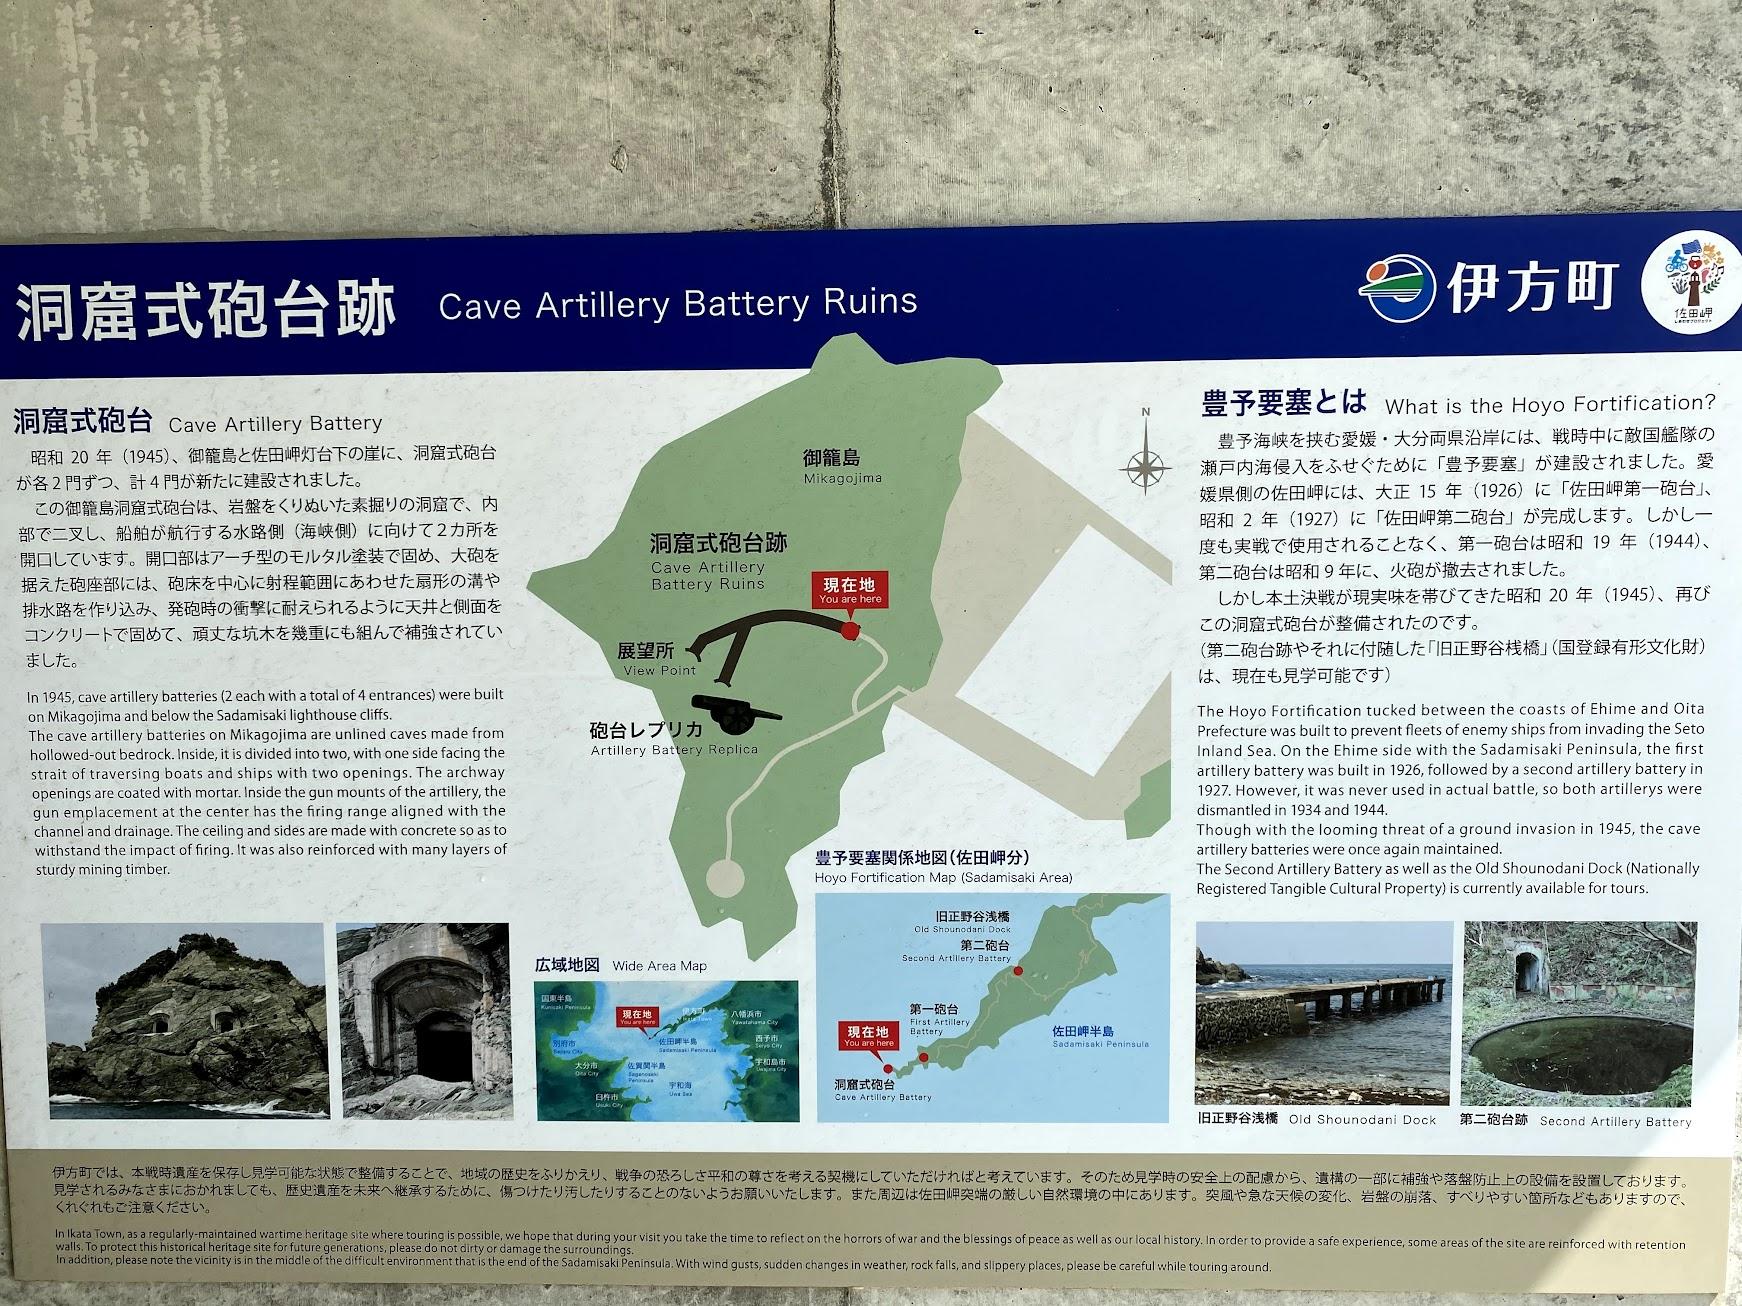 洞窟式砲台跡の説明はこちら